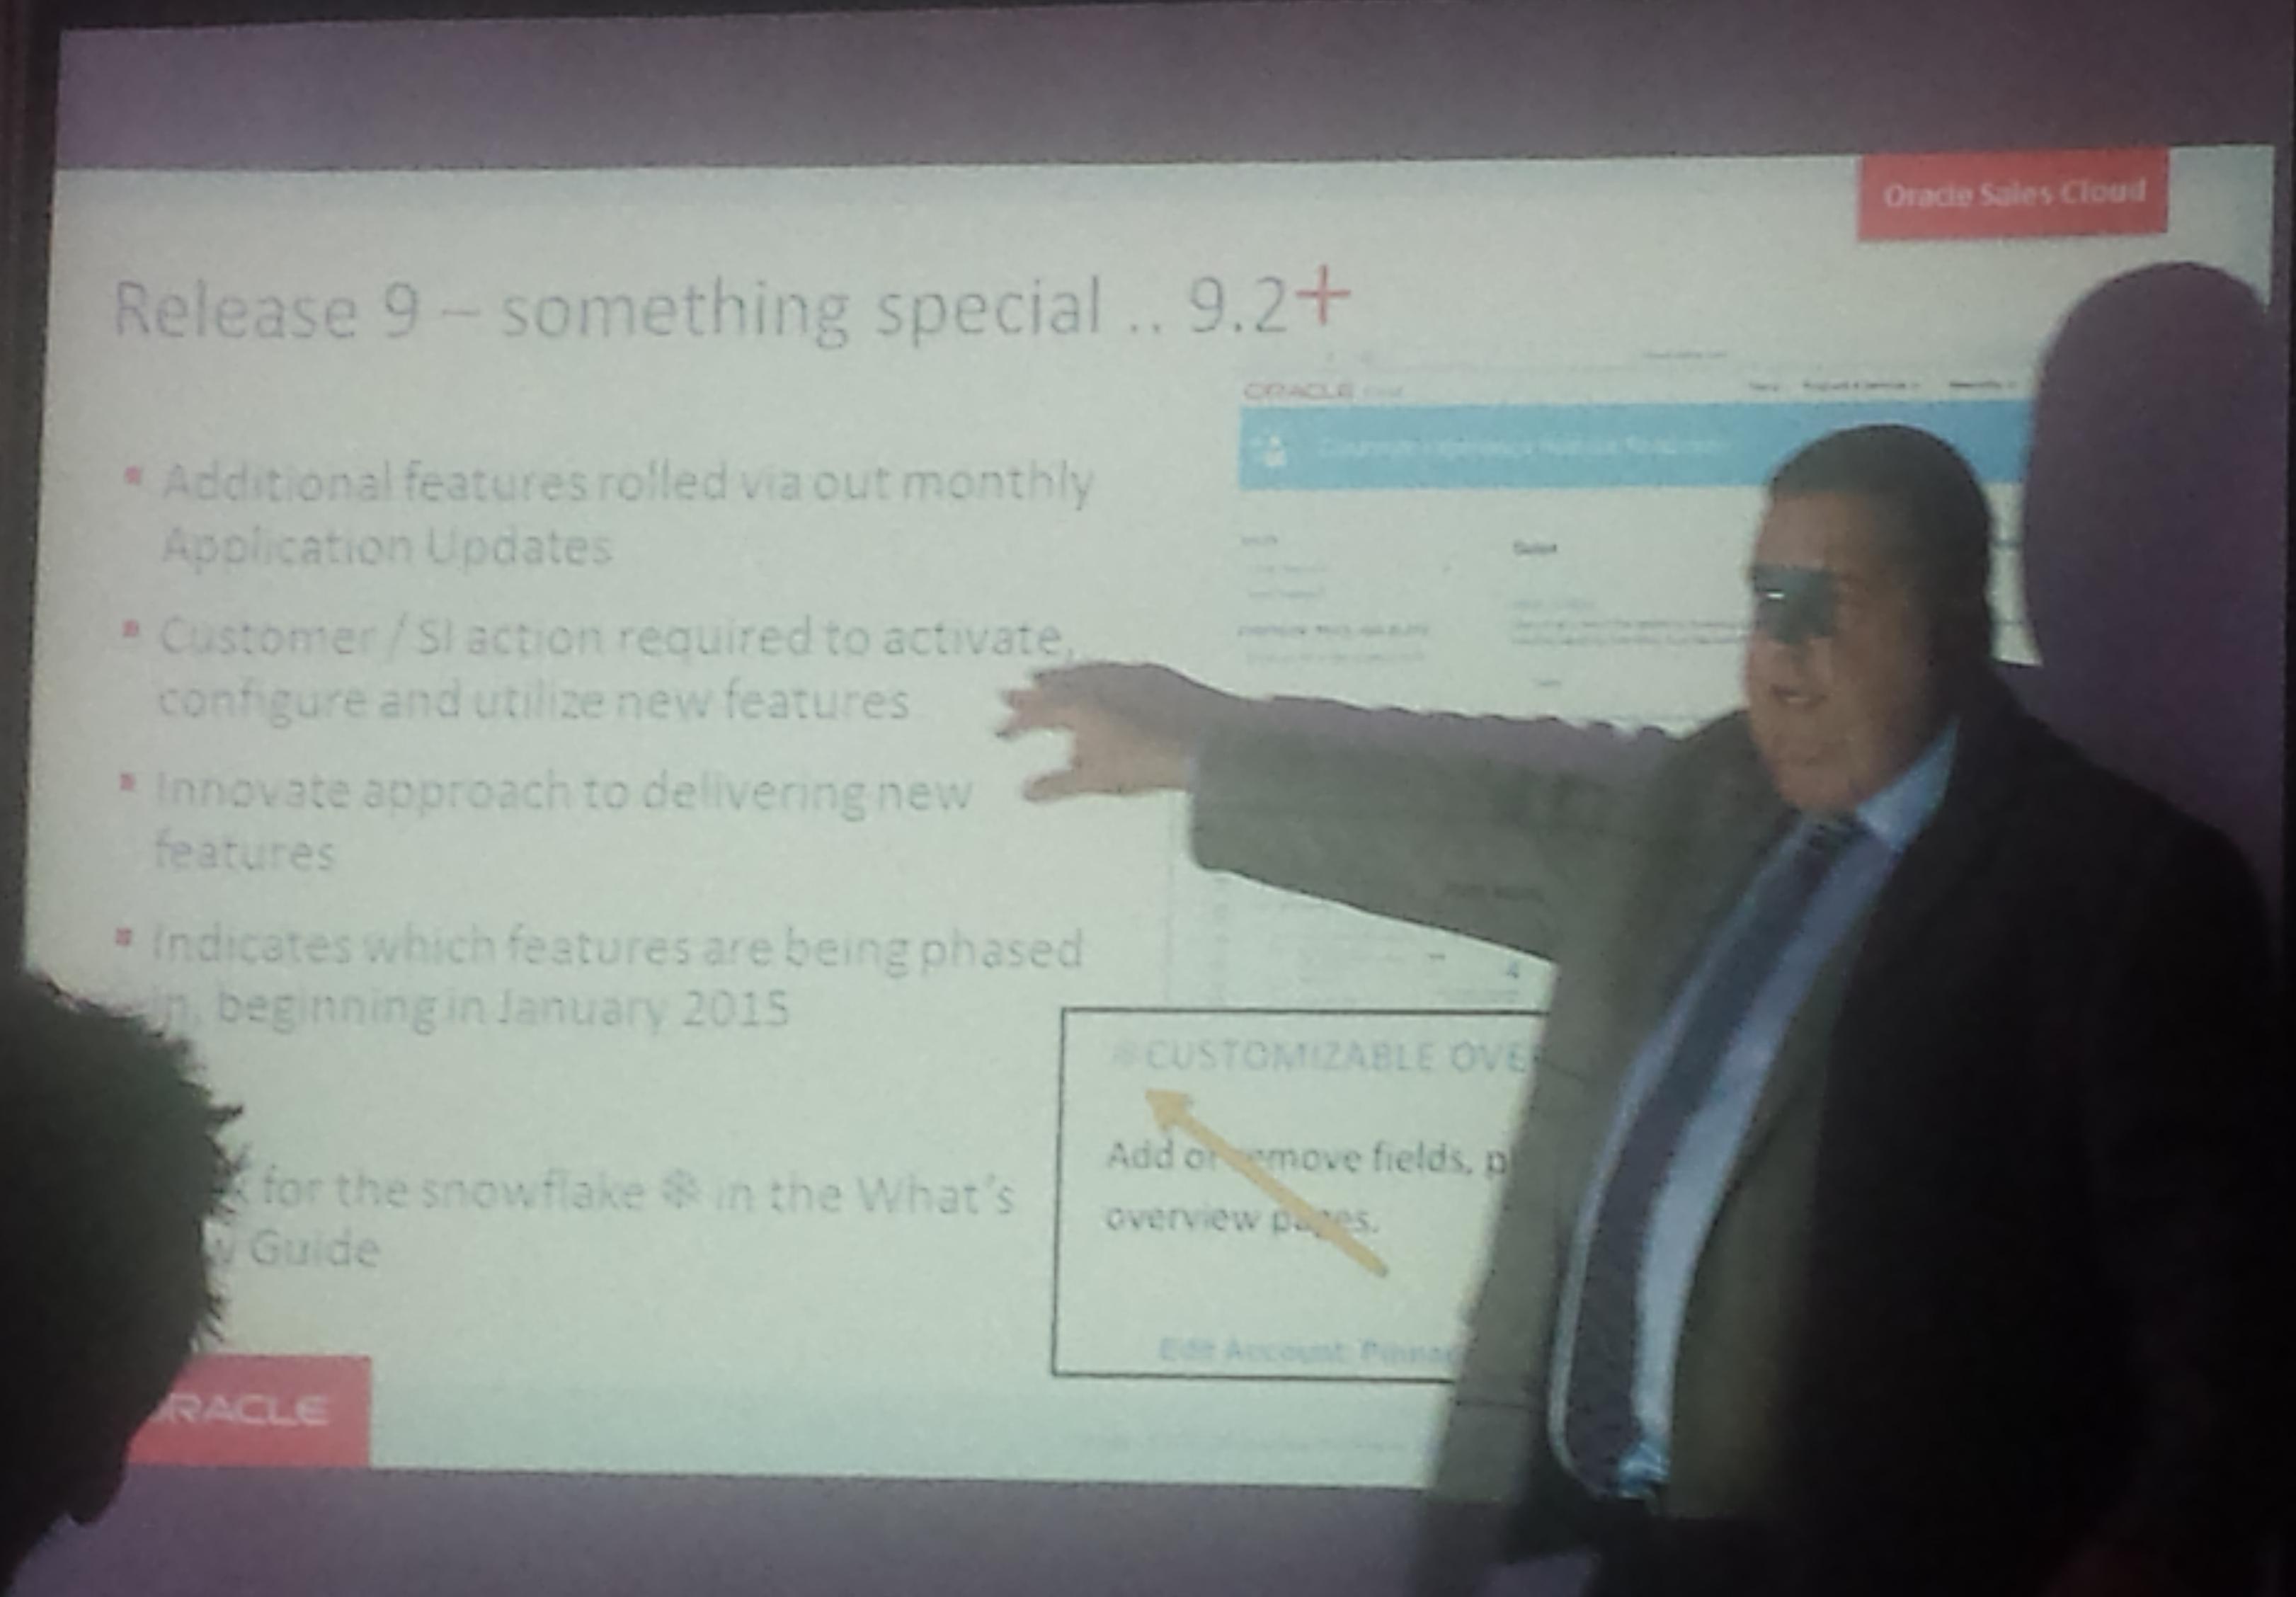 Oracle Sales Cloud R2